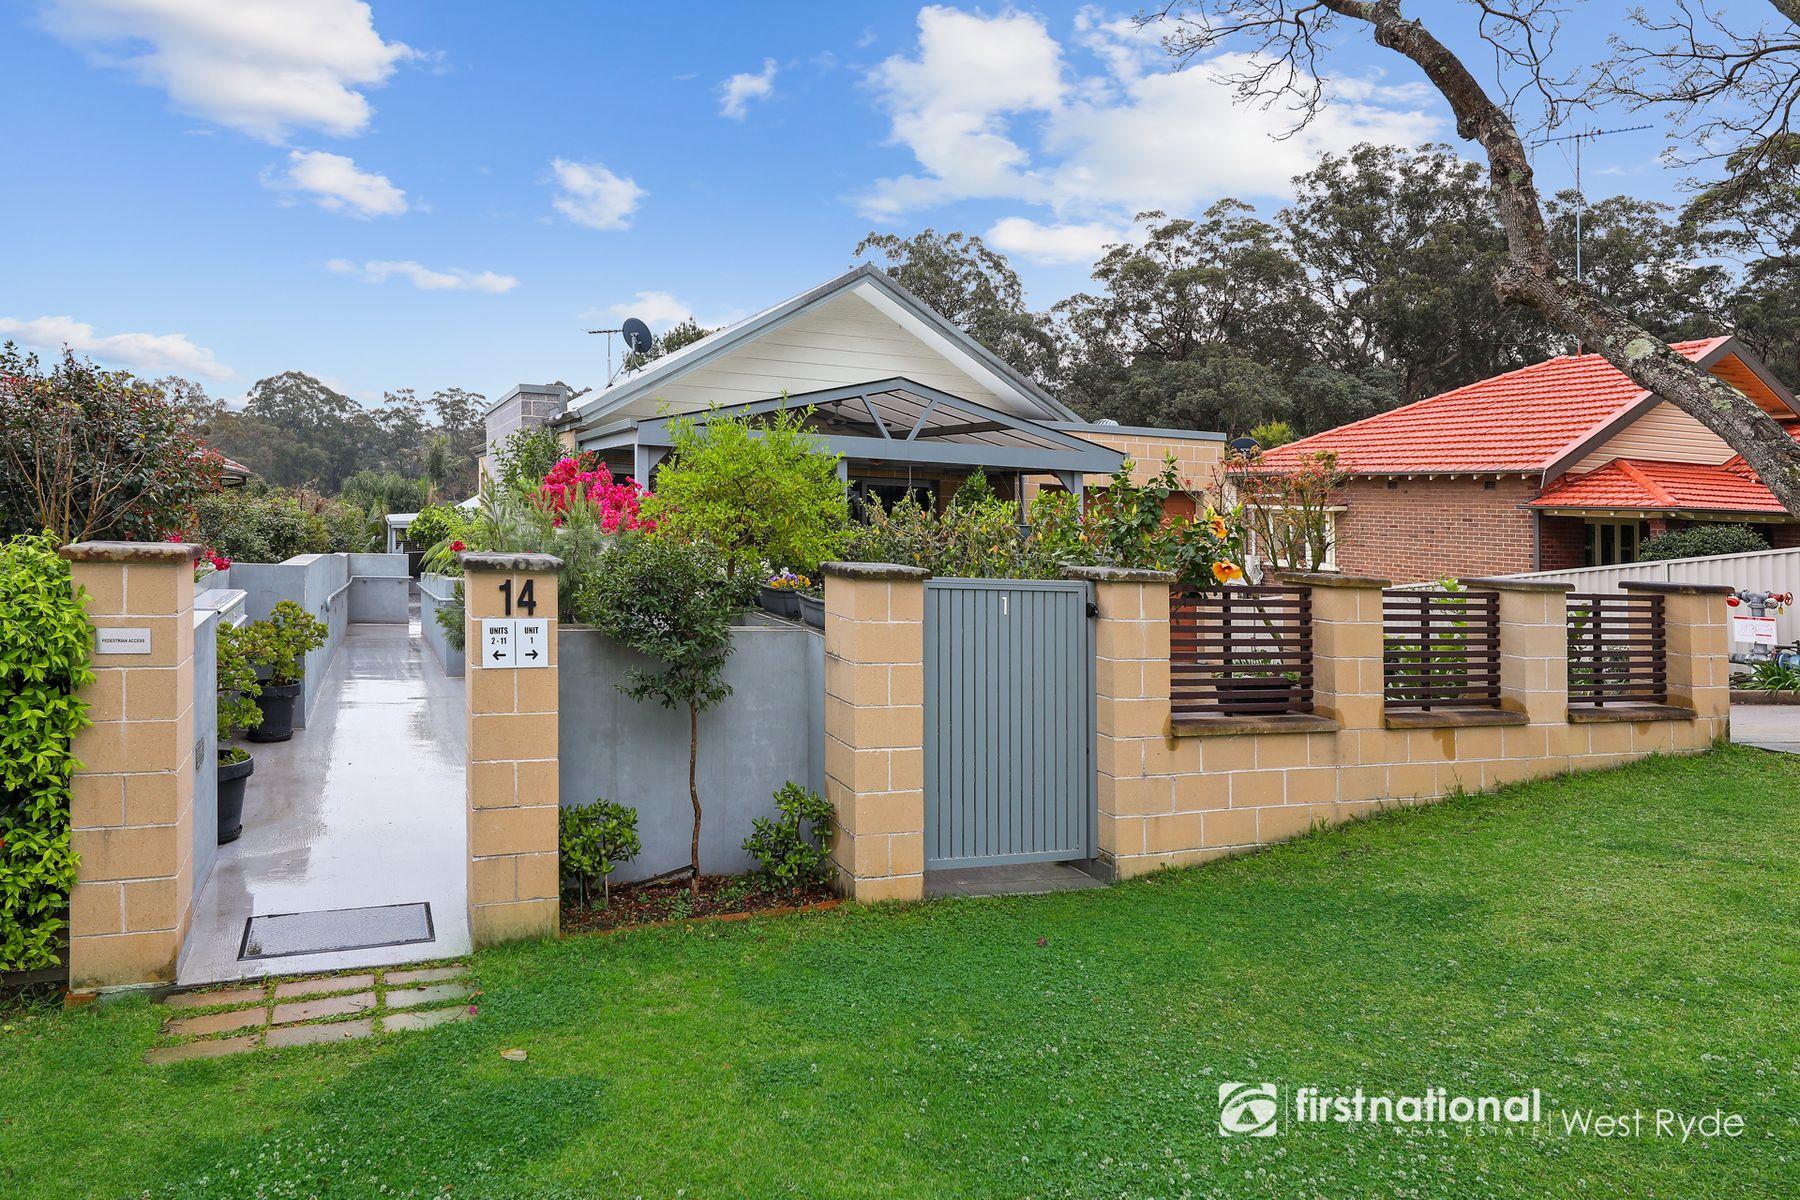 11/14 Marlow Avenue, Denistone, NSW 2114